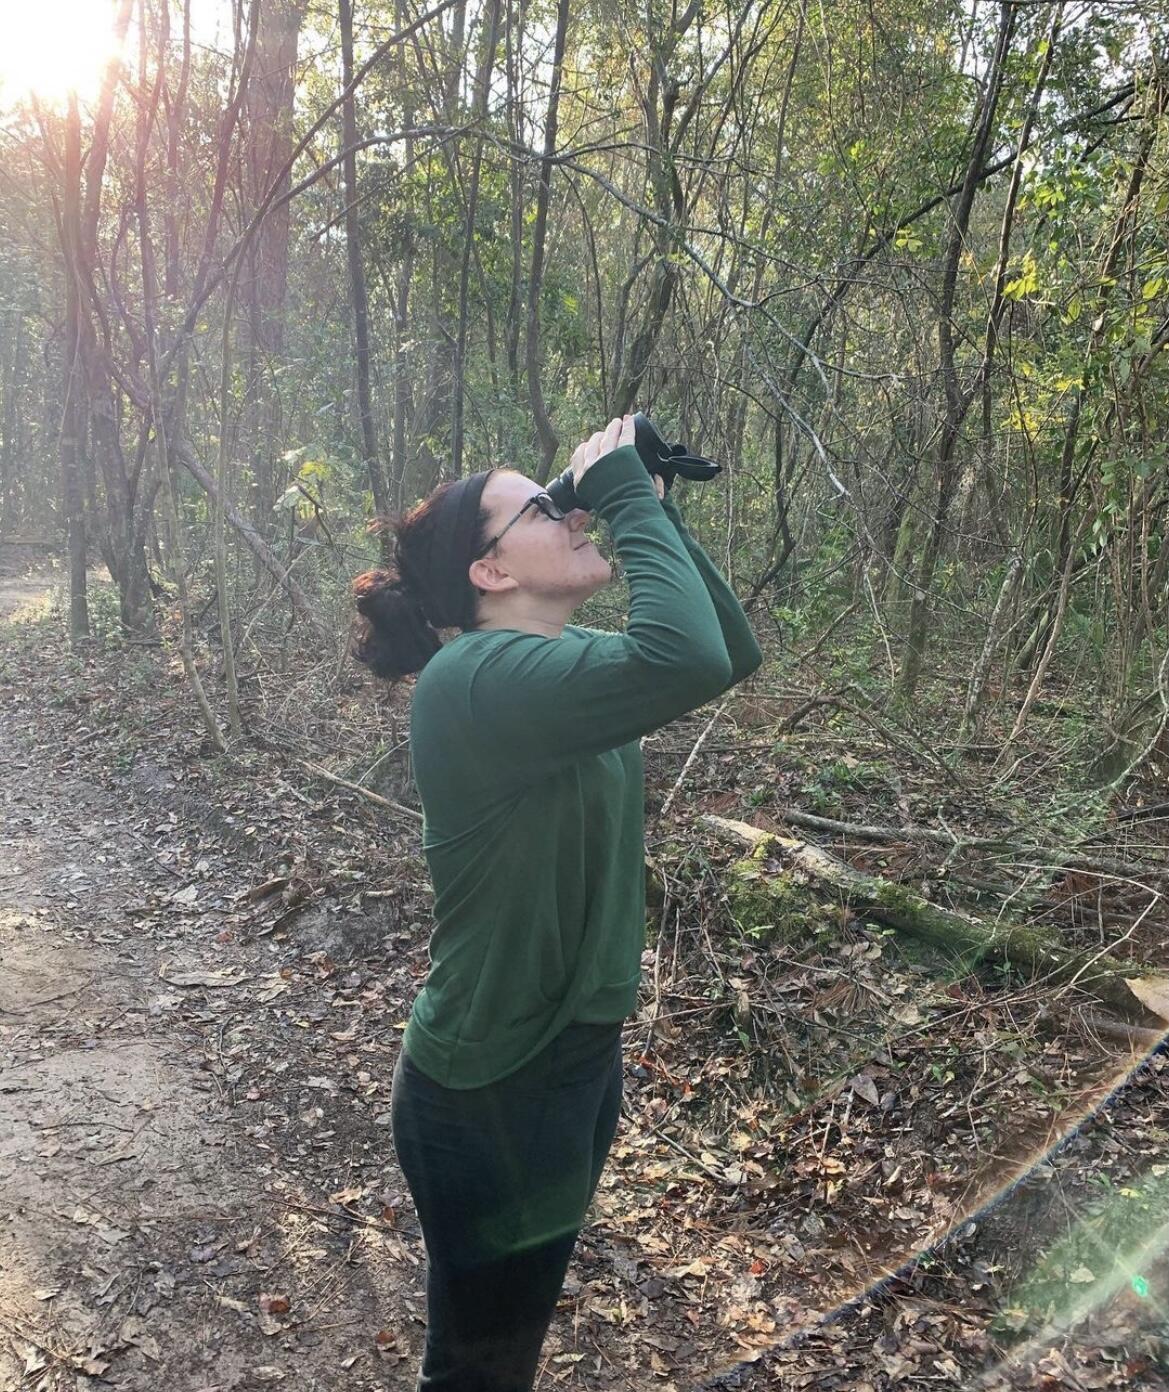 Amanda Hull peering at a Bald Eagle.